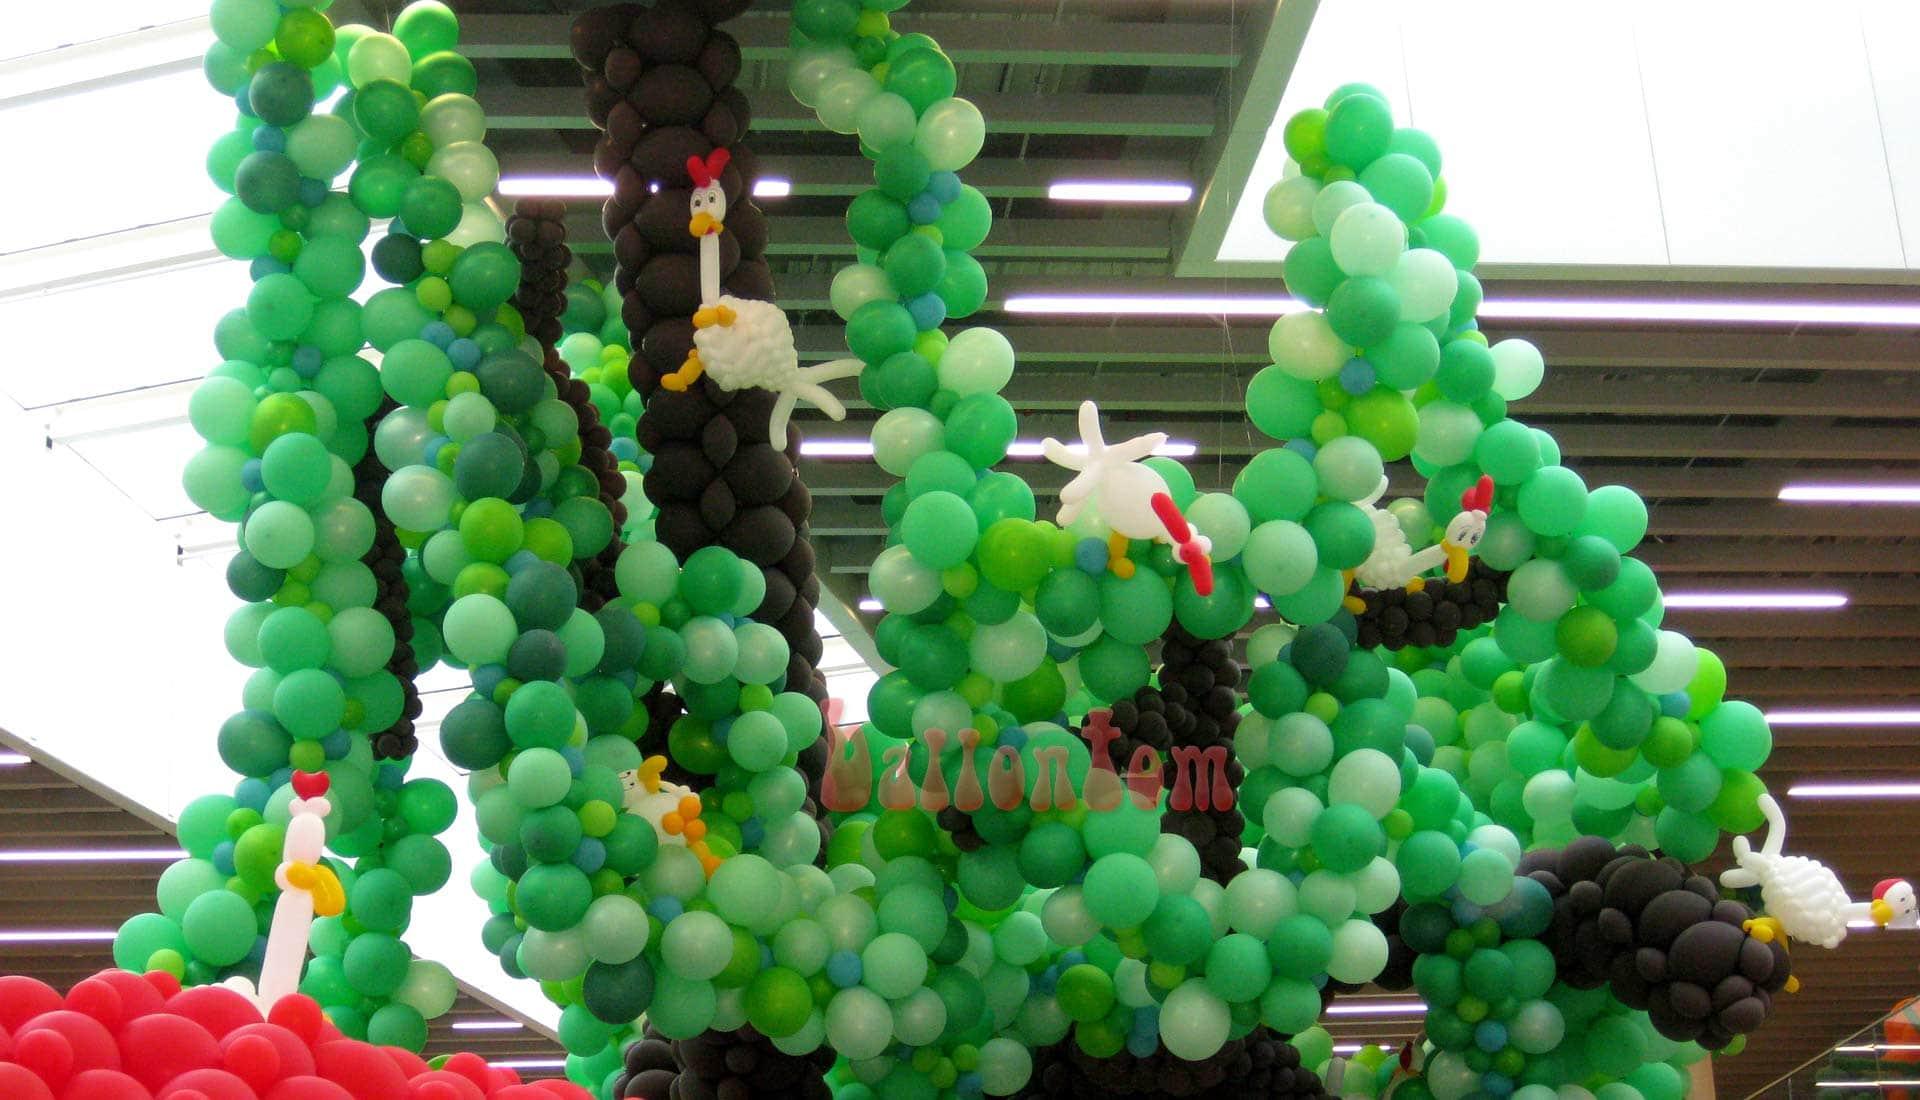 Ballonwelt Lausanne - Schweiz - Verrückte Hühner - Projekt: Canniballoon Team Didier Dvorak - Unterstützt durch ballontom